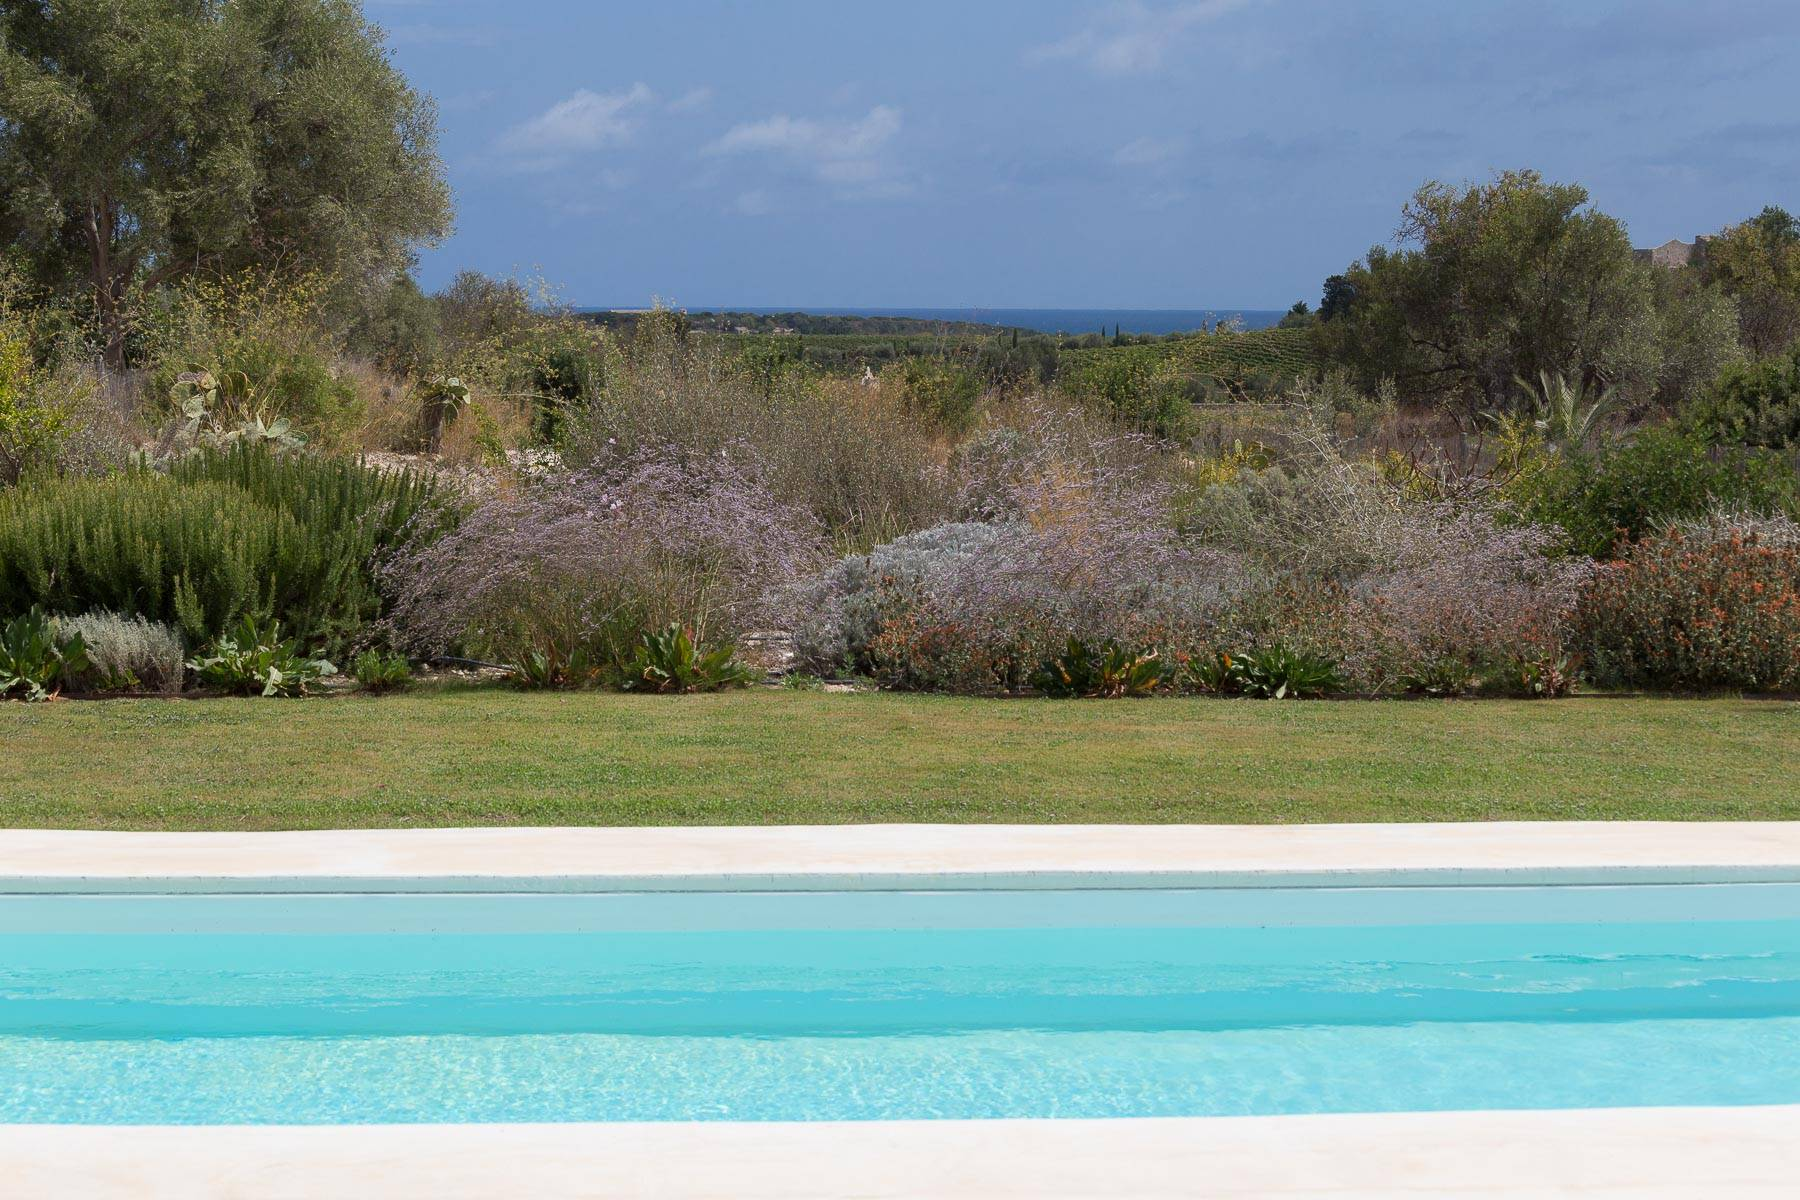 Villa in Vendita a Noto: 5 locali, 245 mq - Foto 3